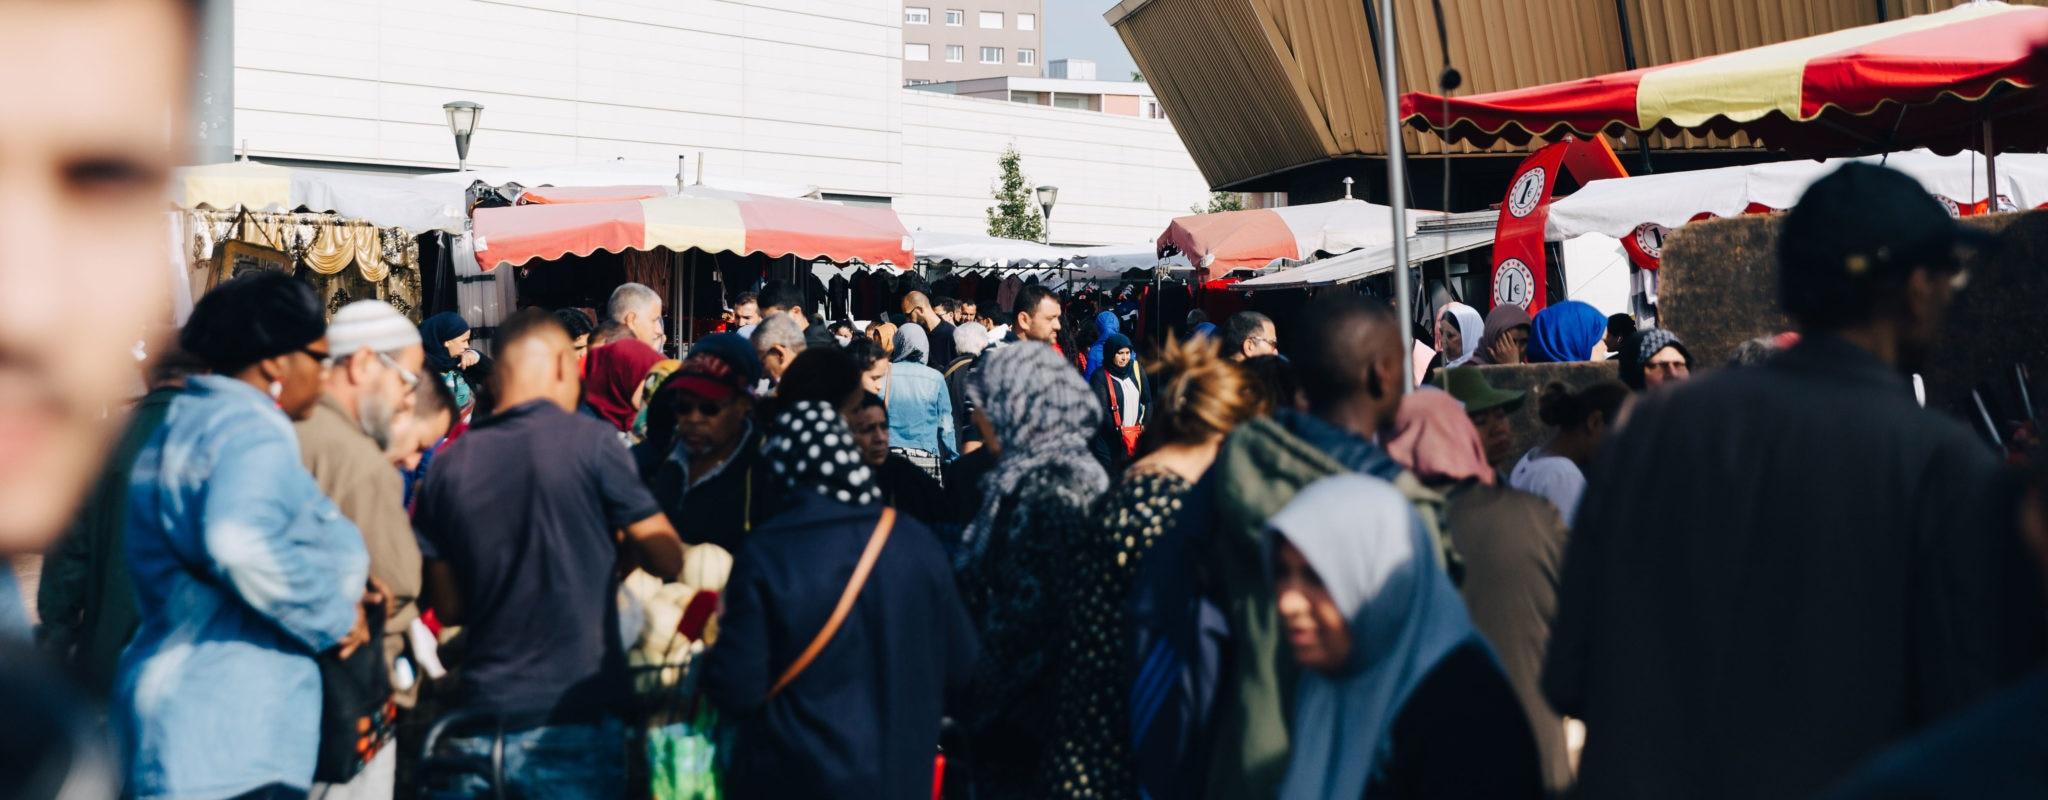 Au marché de Hautepierre, «on vend tout 20 centimes de moins au kilo»